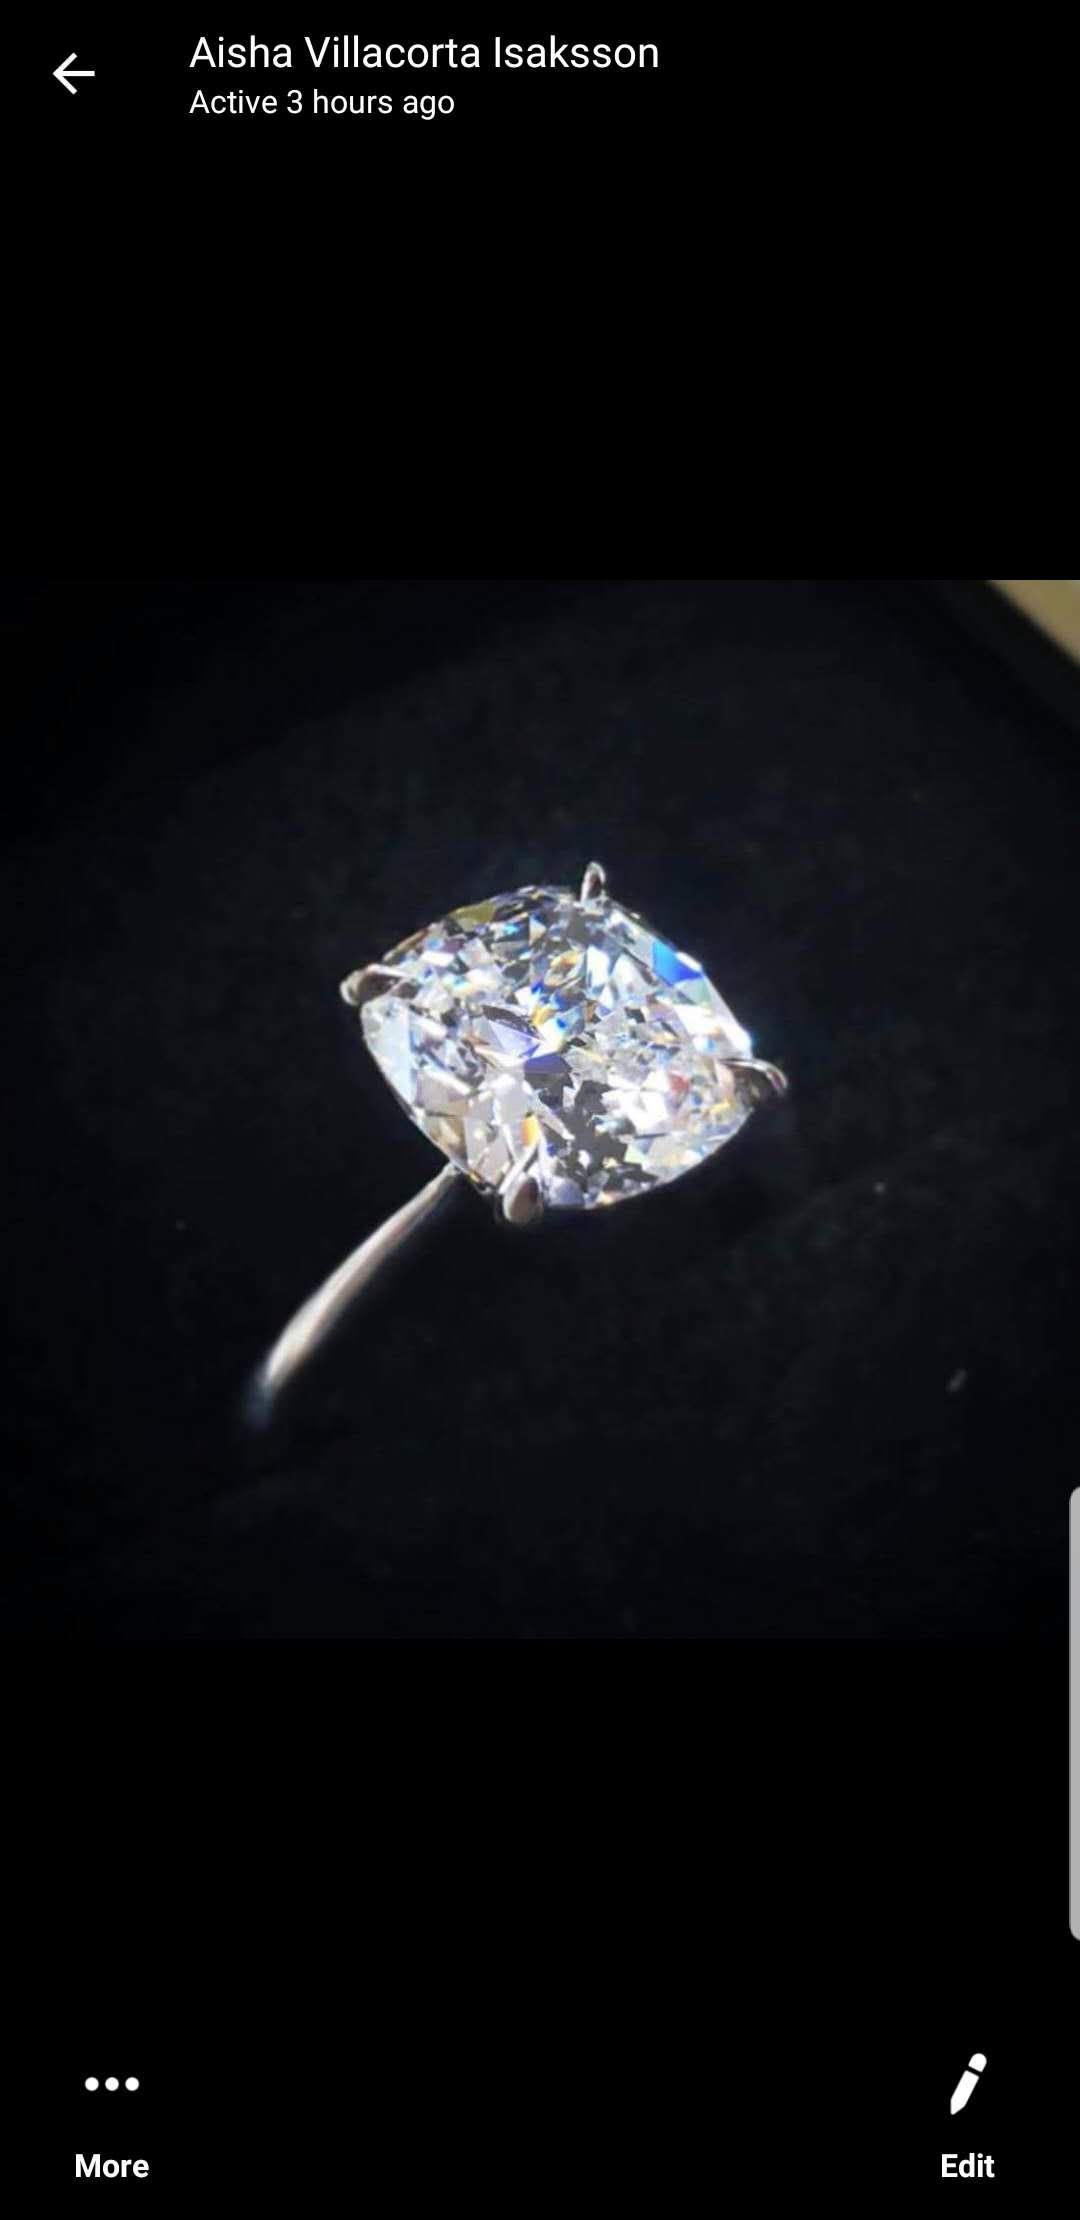 Livraison express gratuite 100% véritable 585 anneaux avec des bagues de mariage Moissanite, bande de mariage, Moissanite brillant passer le test